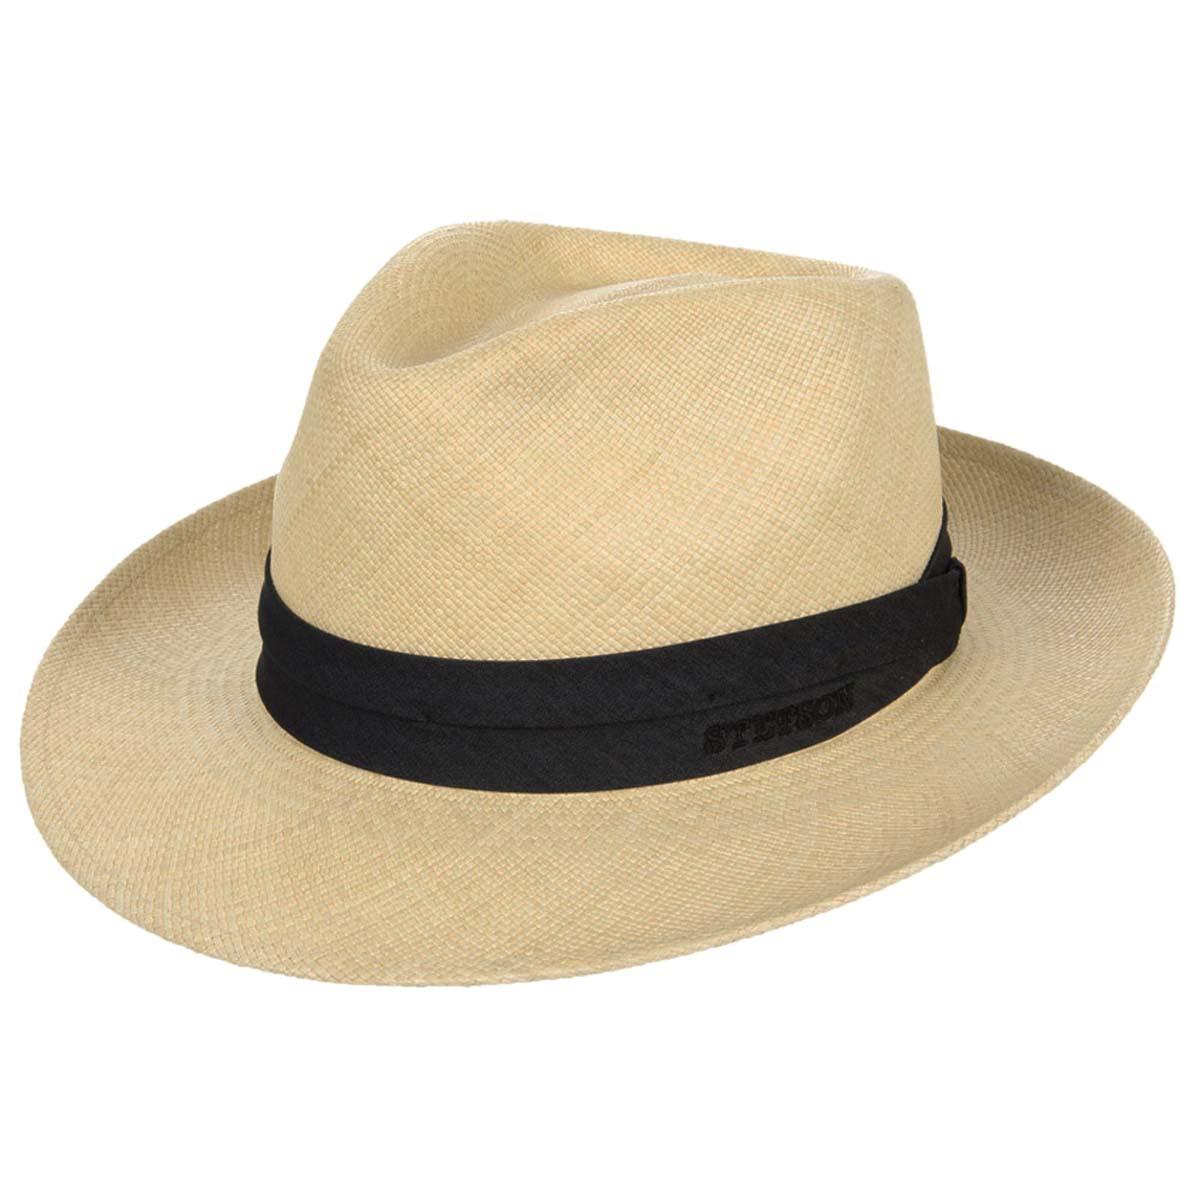 Cappello Di Panama Di Panama Online - it.dhgate.com